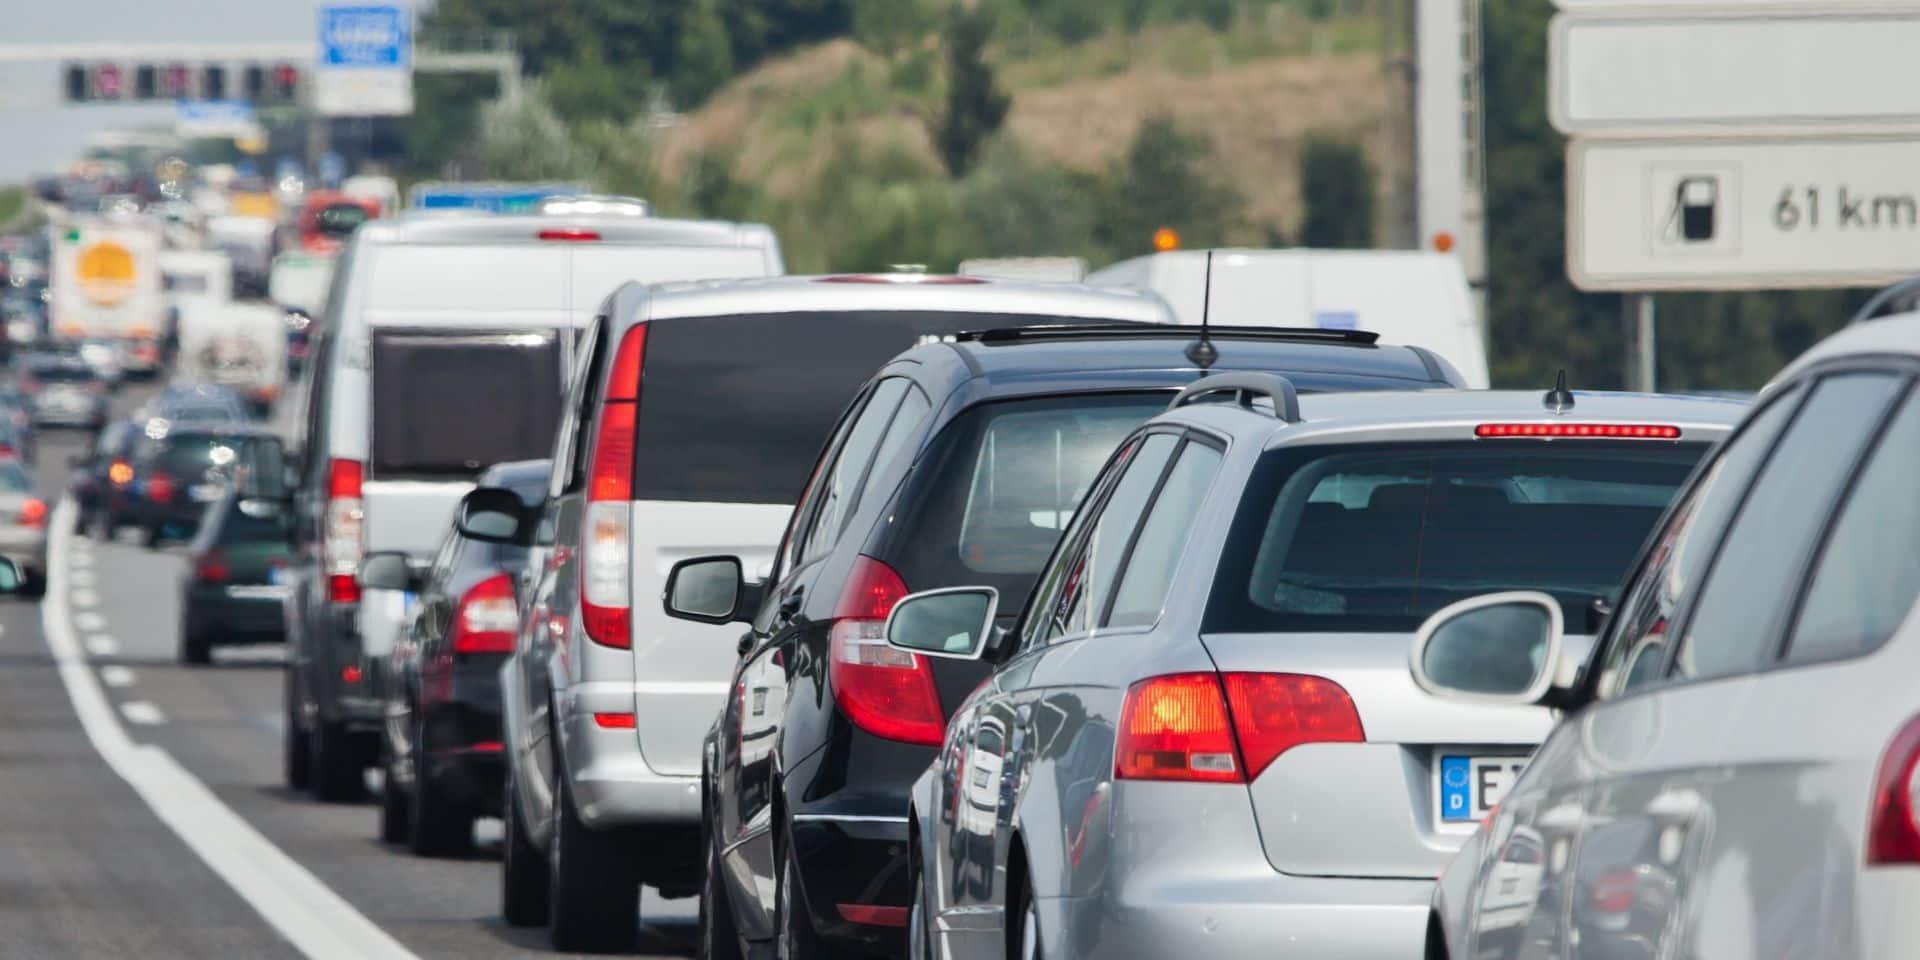 Attention si vous partez en vacances ce samedi: Bison Futé annonce une journée rouge sur les routes !